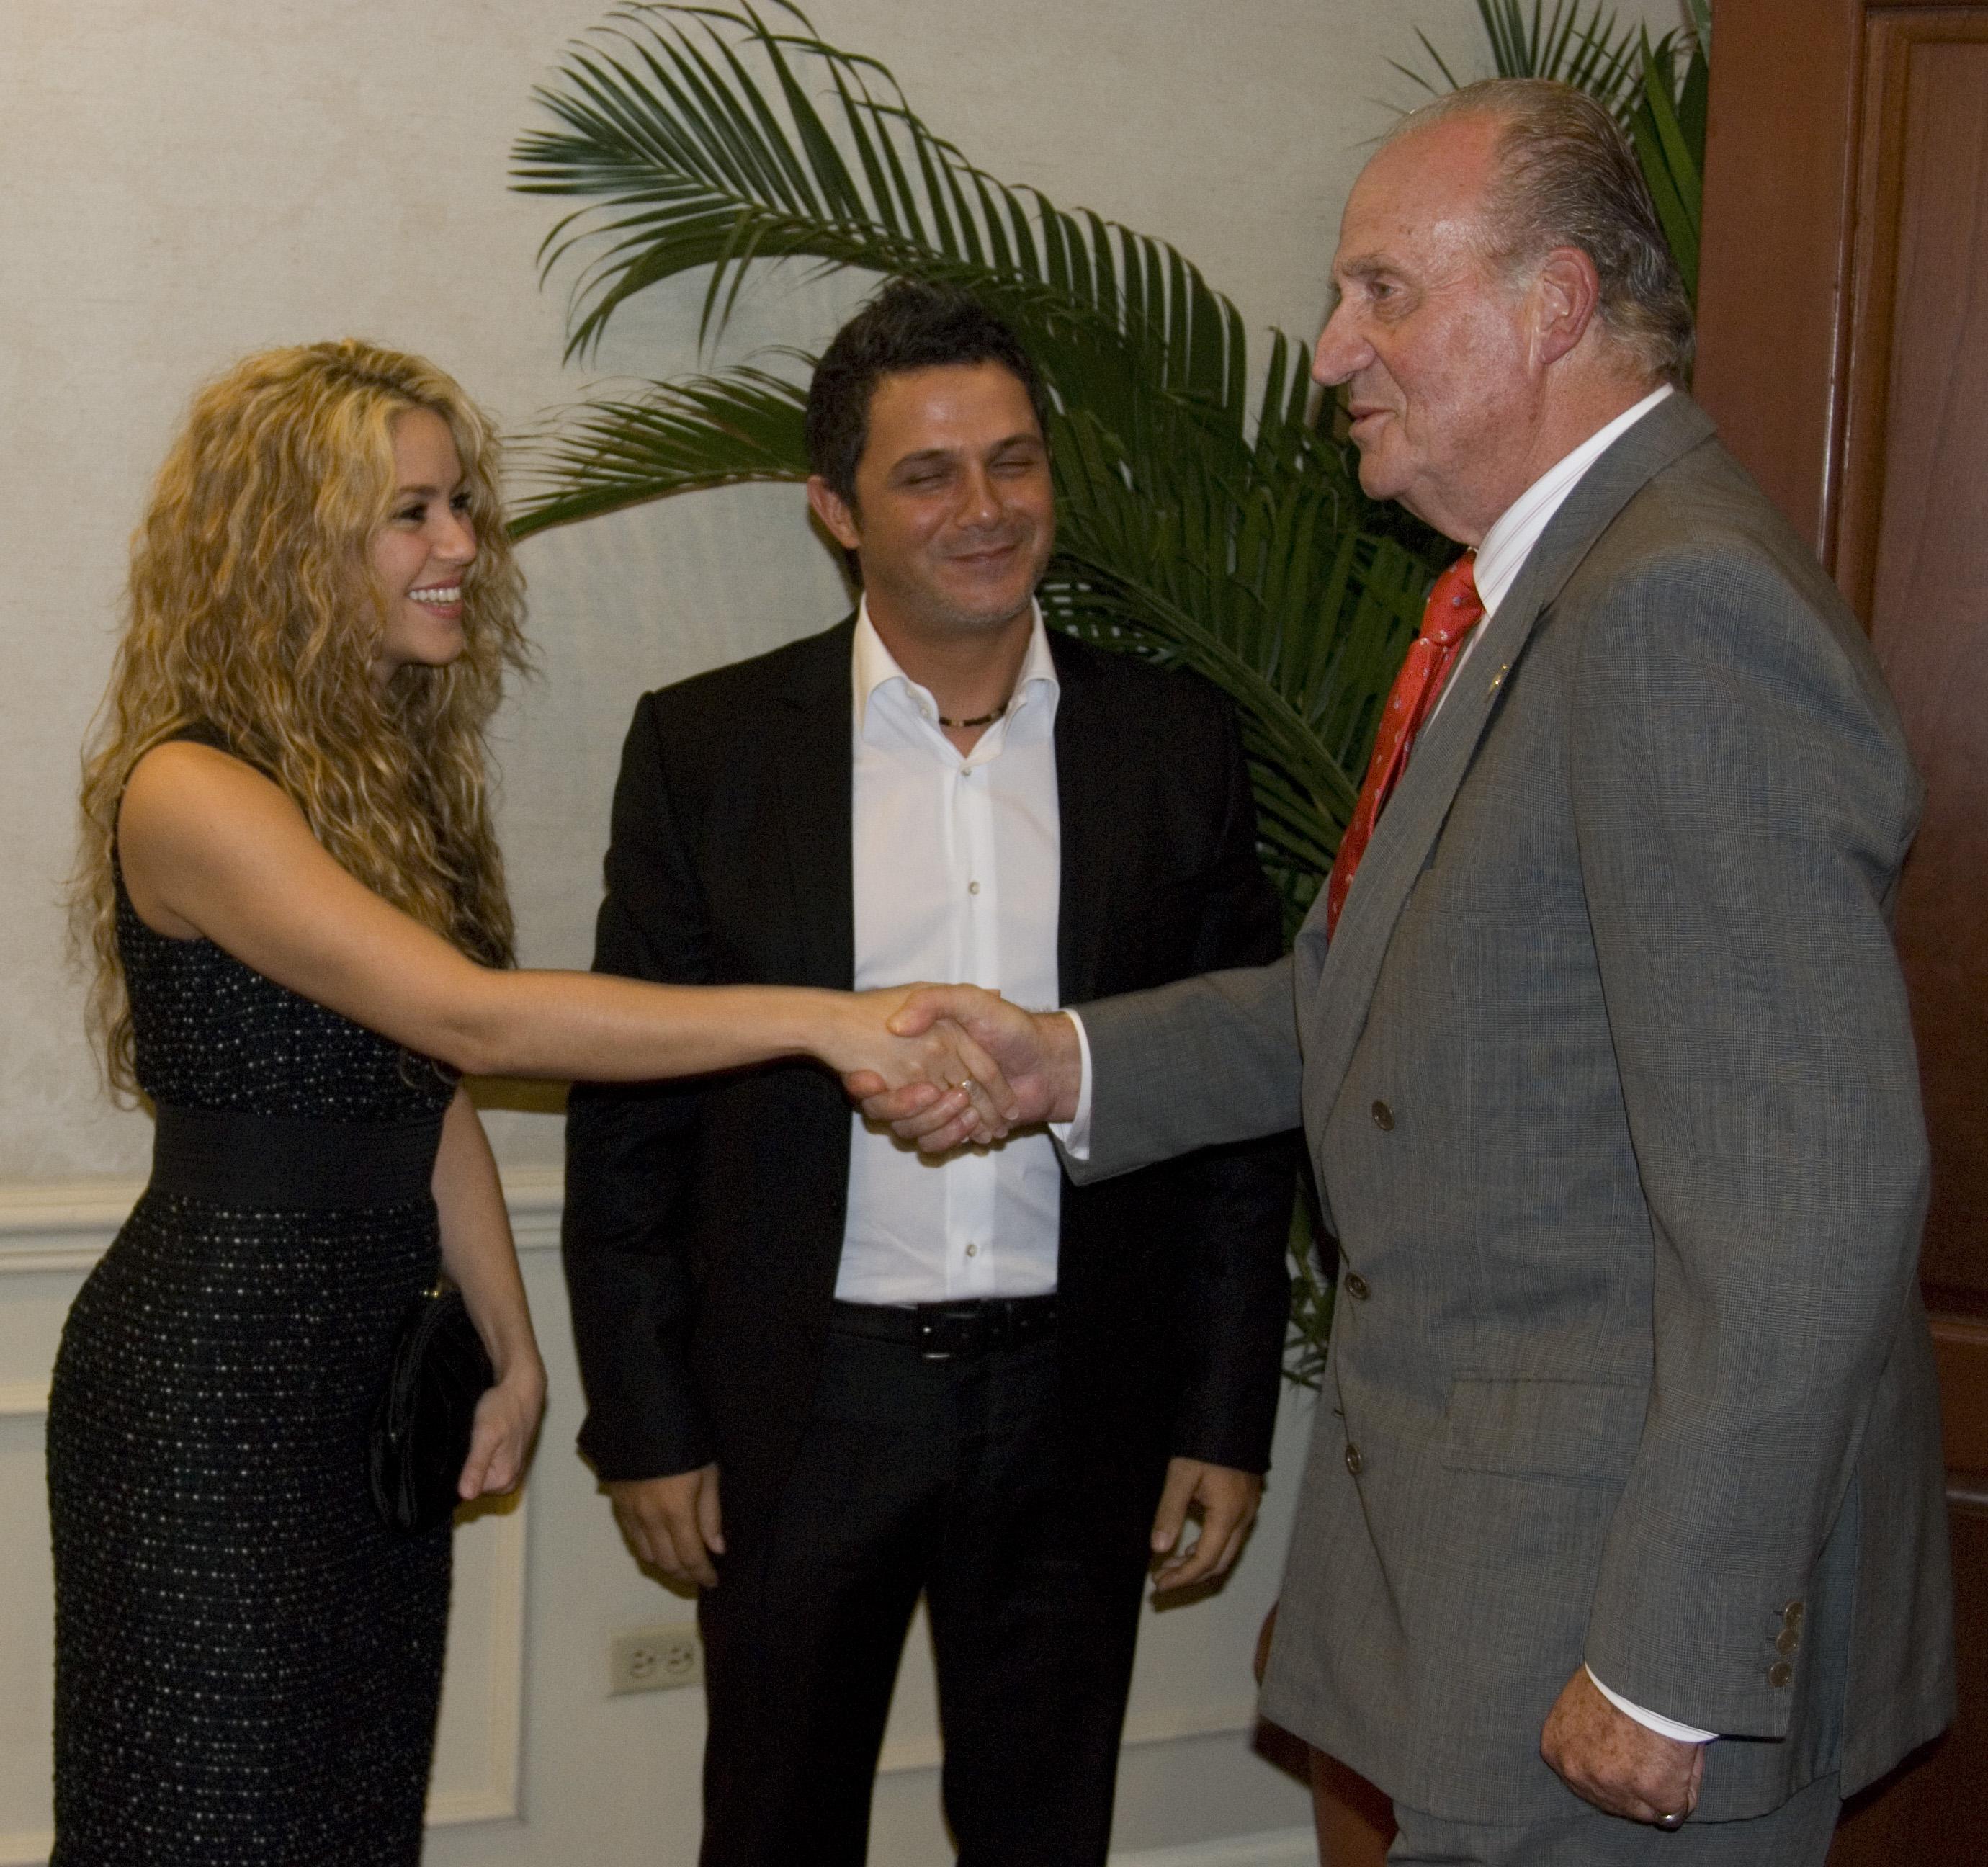 Shakira y Alejandro Sanz, como miembros de ALAS, se reunieron con el rey de España en la Cumbre de Presidentes de El Salvador.